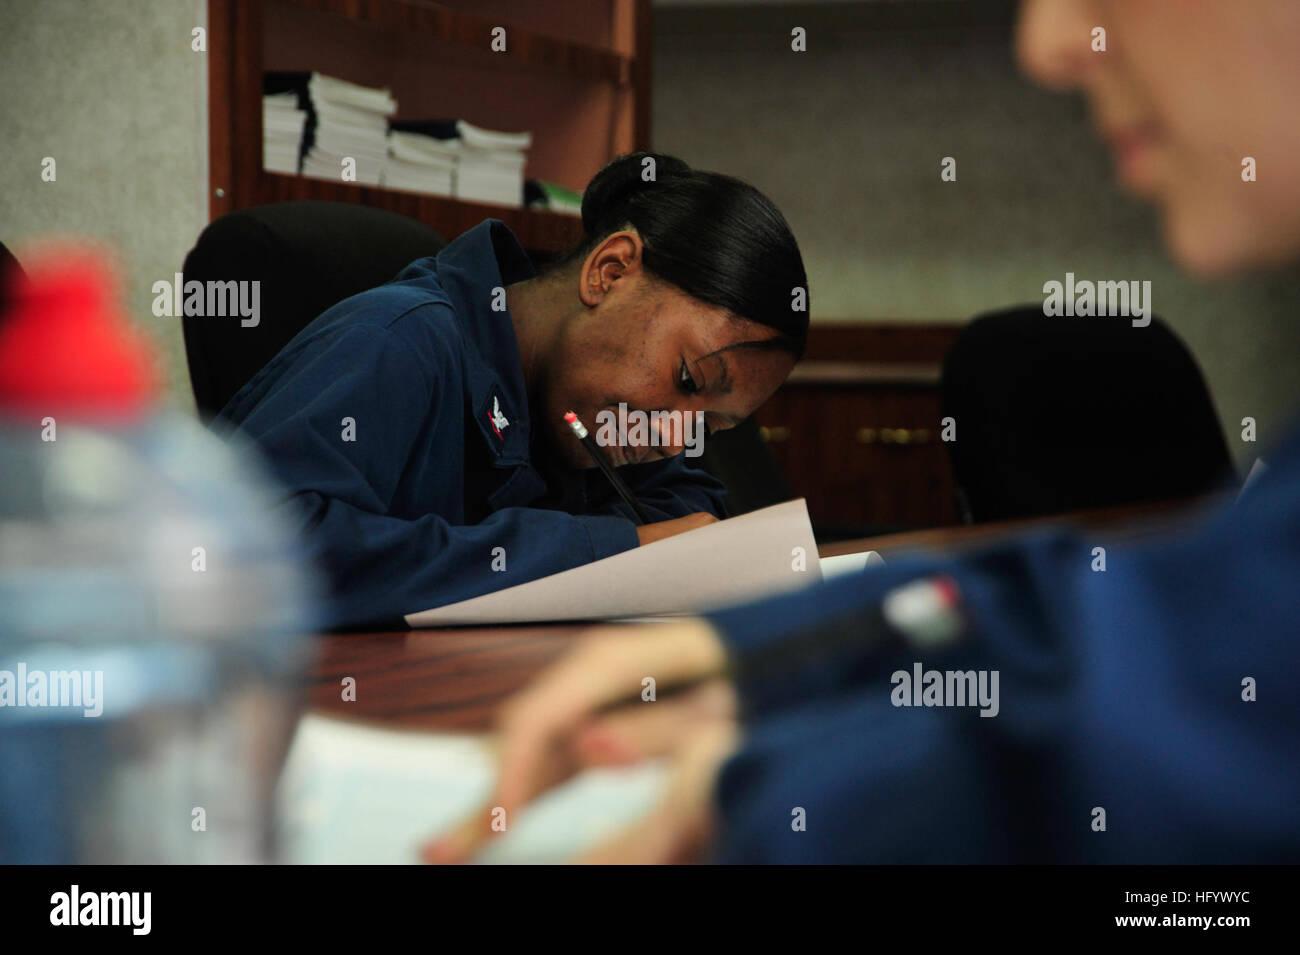 110627-N-VL413-078 OCÉAN PACIFIQUE (27 juin 2011) Maître de Manœuvre 3 Classe Latoya communes prend l'aptitude Photo Stock